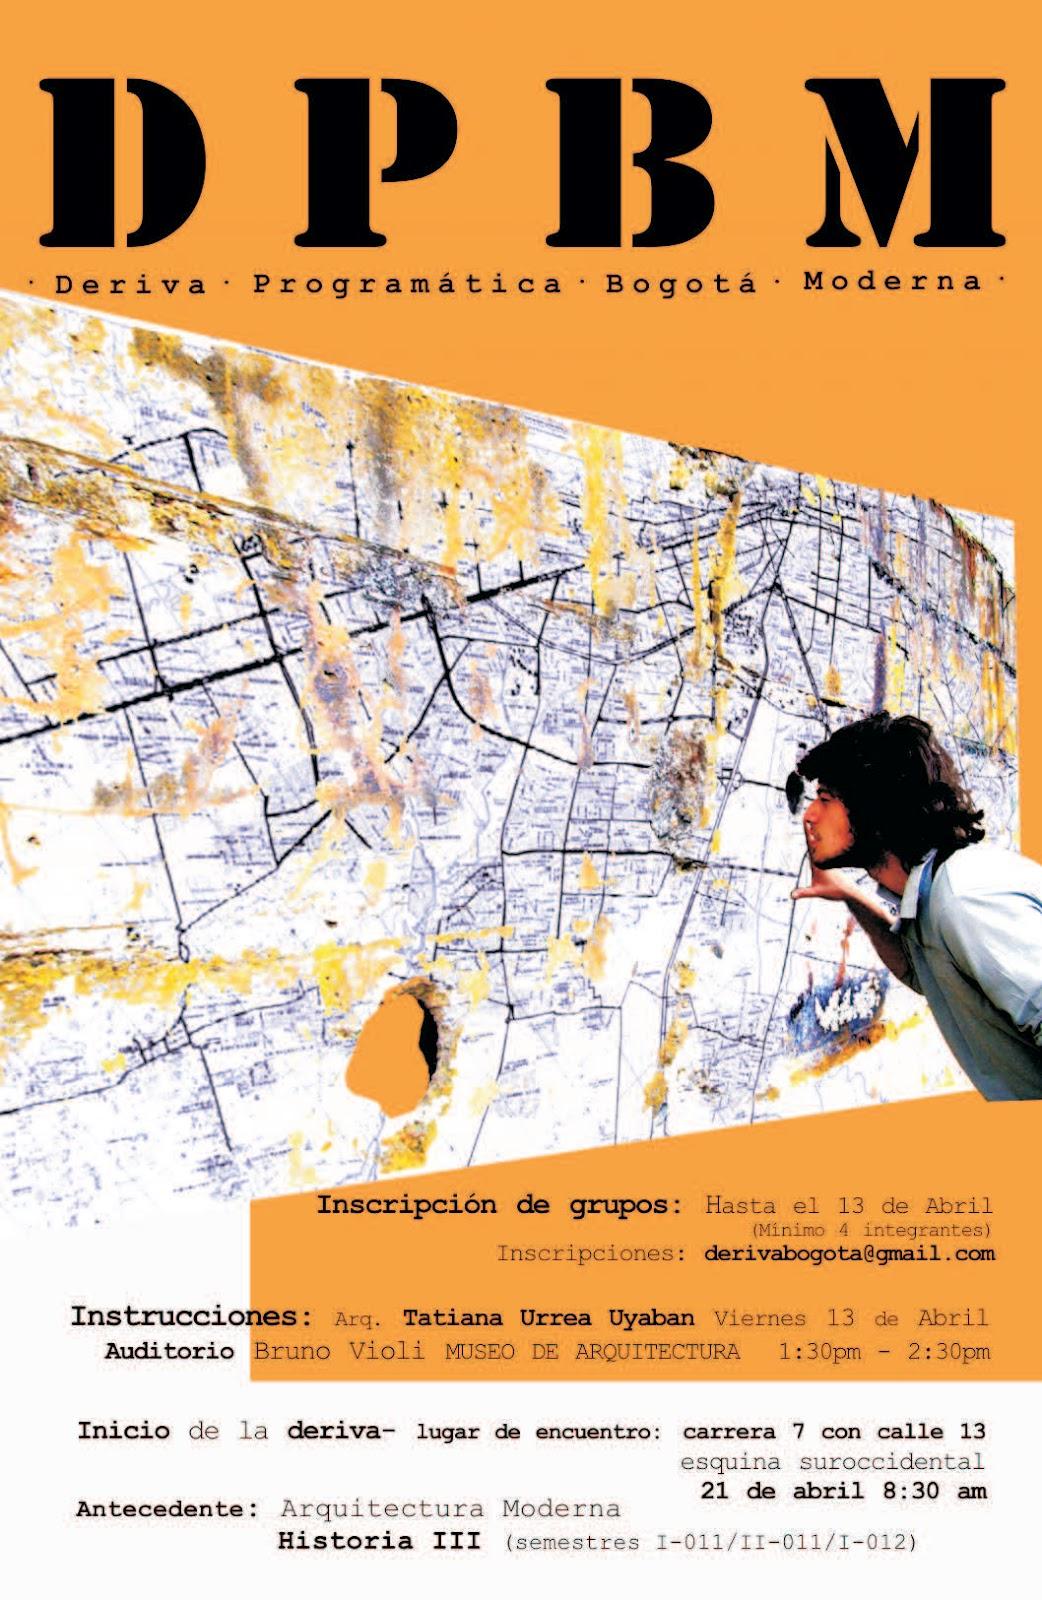 Historia de la arquitectura moderna deriva program tica for Historia de la arquitectura moderna